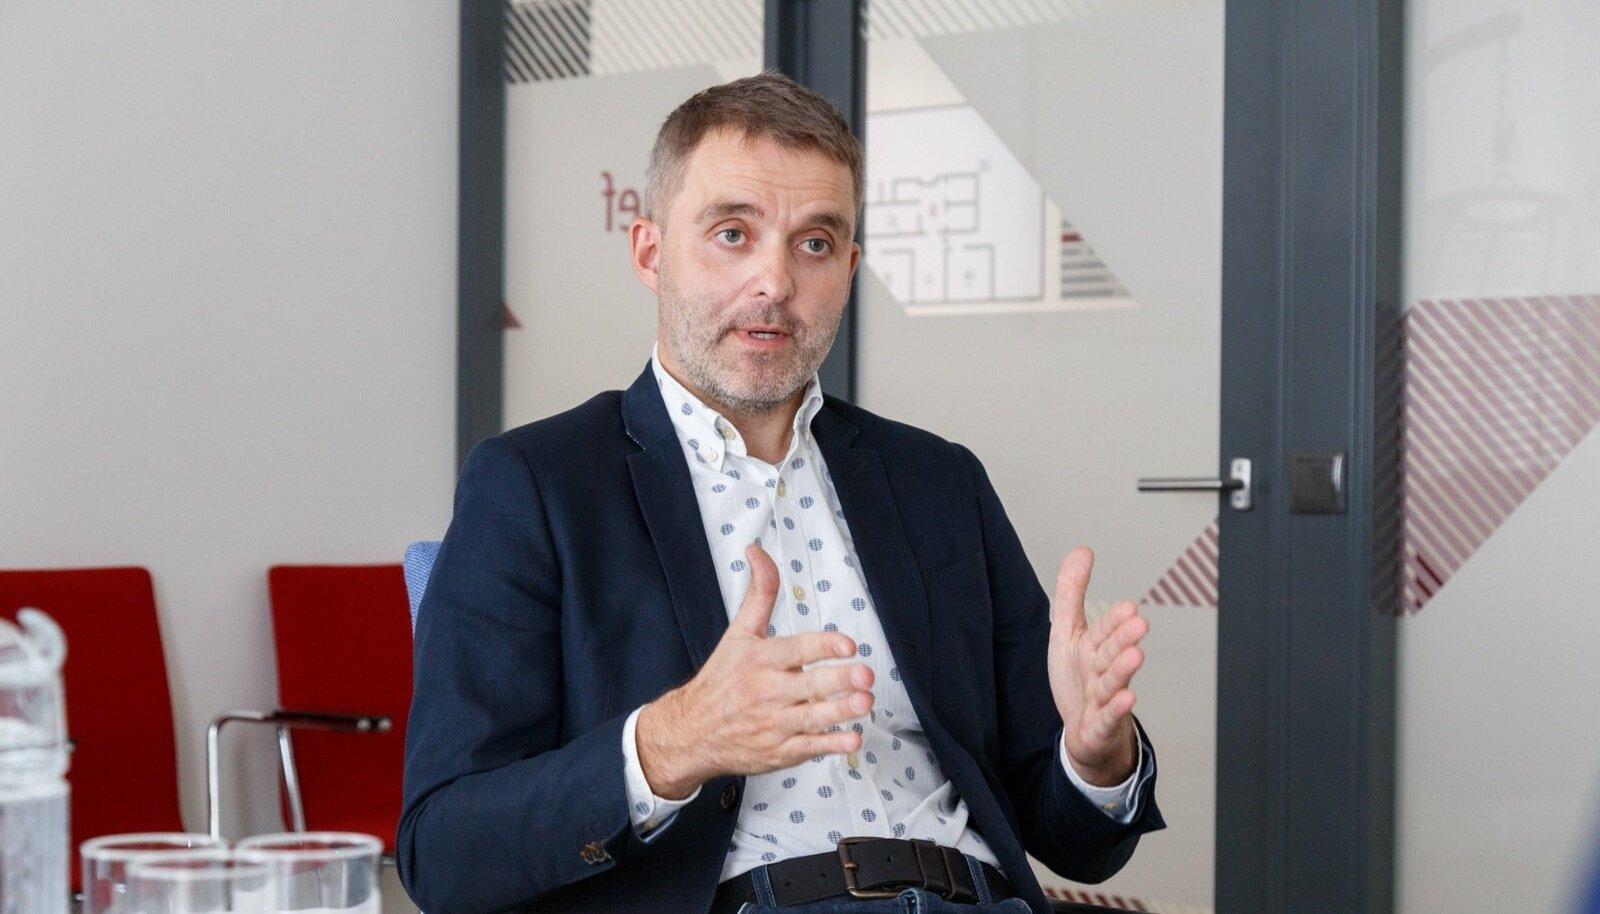 AKI peadirektoriks saama pidanud Marko Aavikule võis saatuslikuks saada 10 000 eurot Euroopa Nõukogus teenitud tulu.